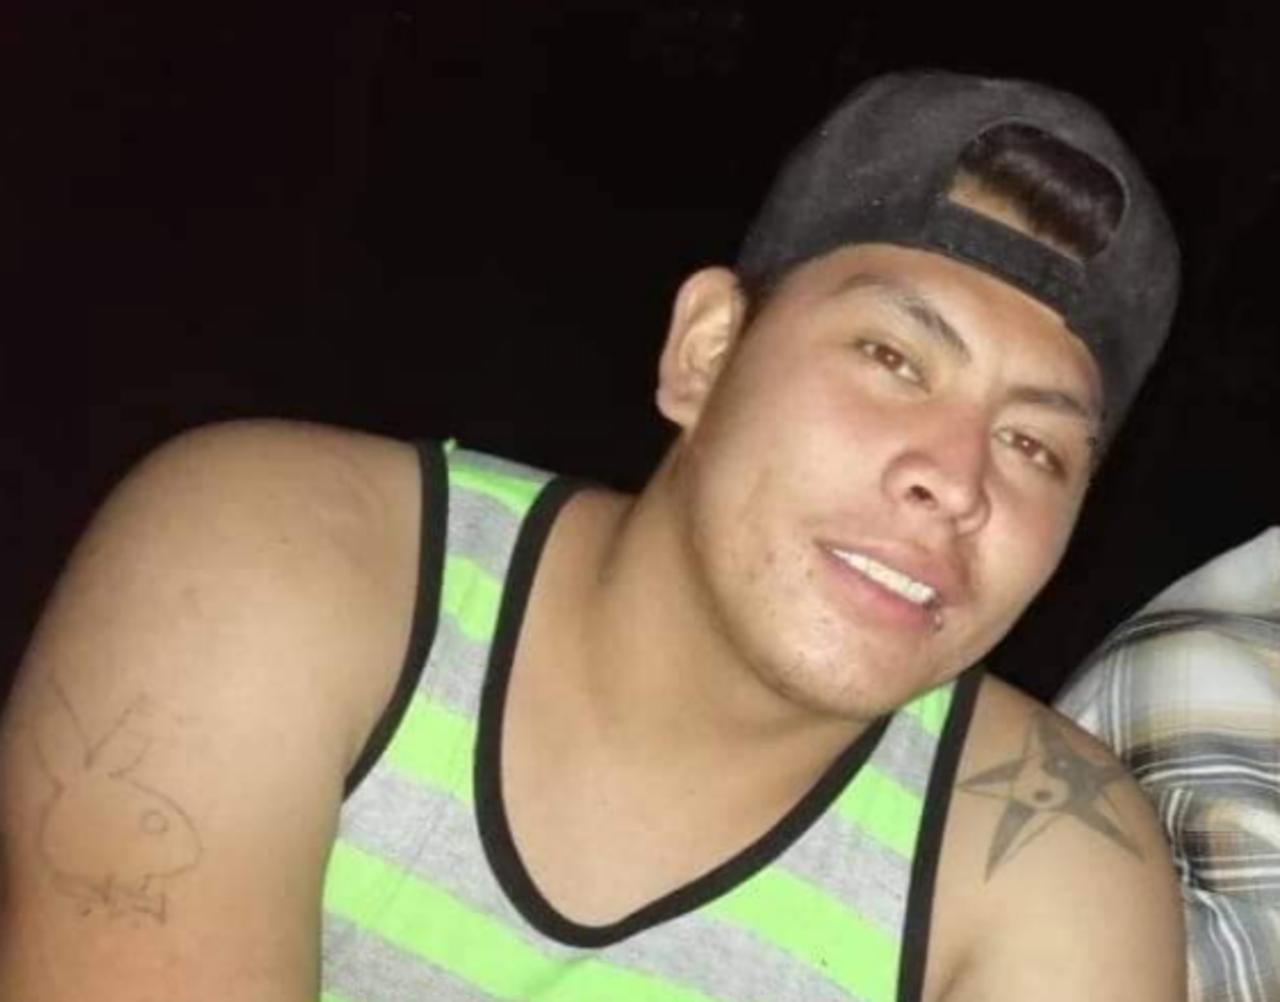 Joven duranguense cumple 7 meses desaparecido; salió a trabajar